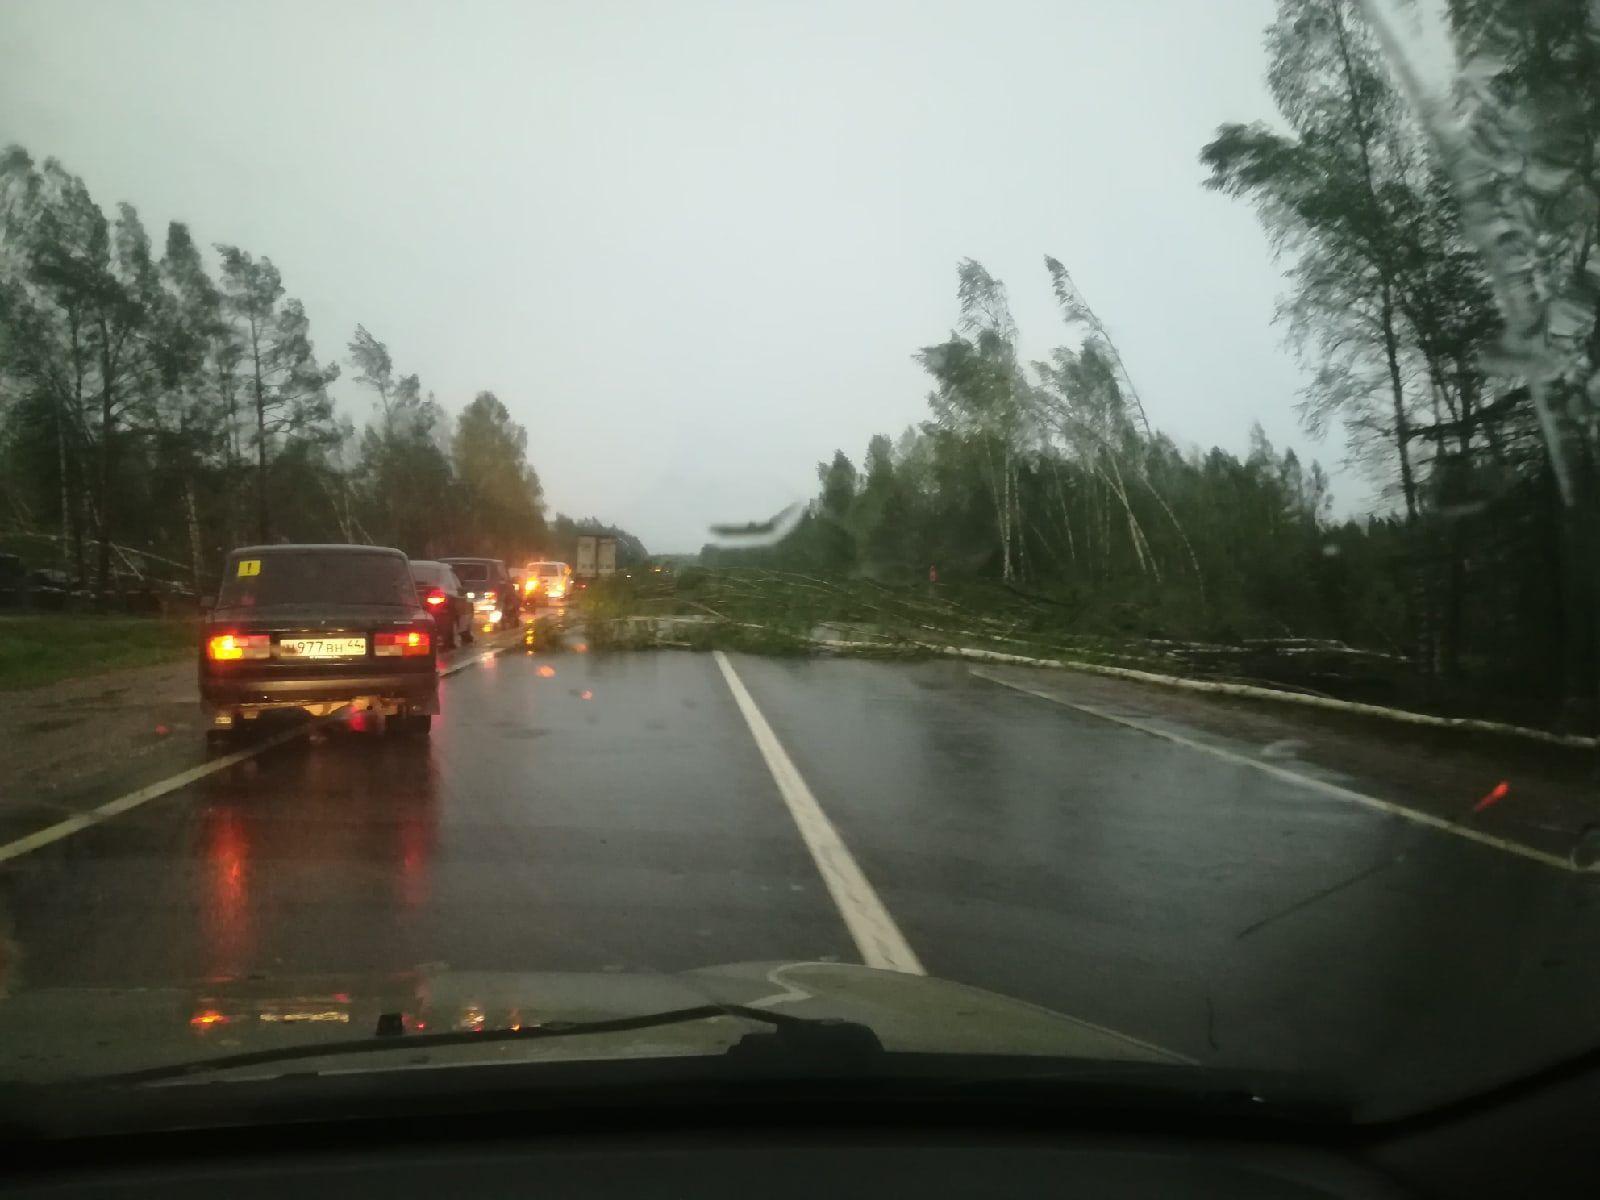 Ураган в Костромской области: пострадали сотни тысяч человек, есть жертвы - власти вводят режим ЧС